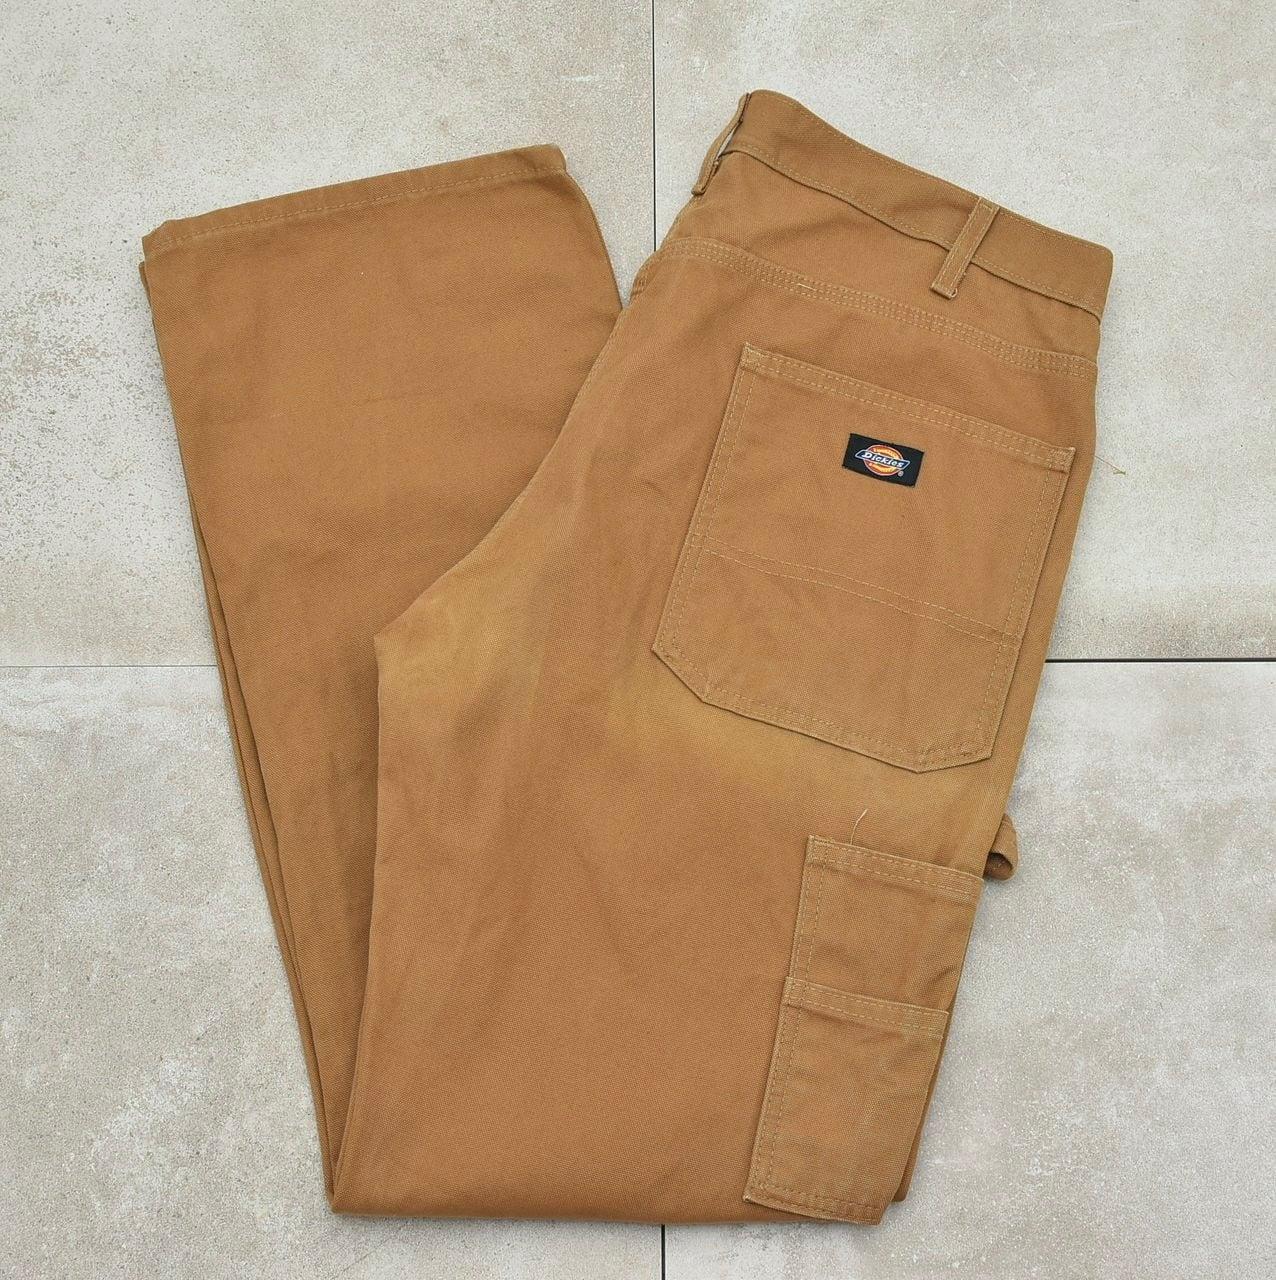 00's〜 Dickies duck painter pants